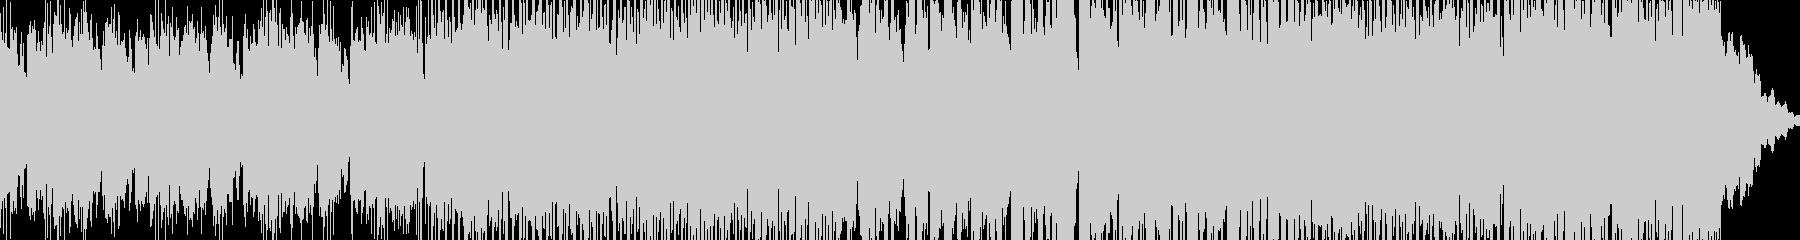 鱒(ます)/ポップアレンジの未再生の波形